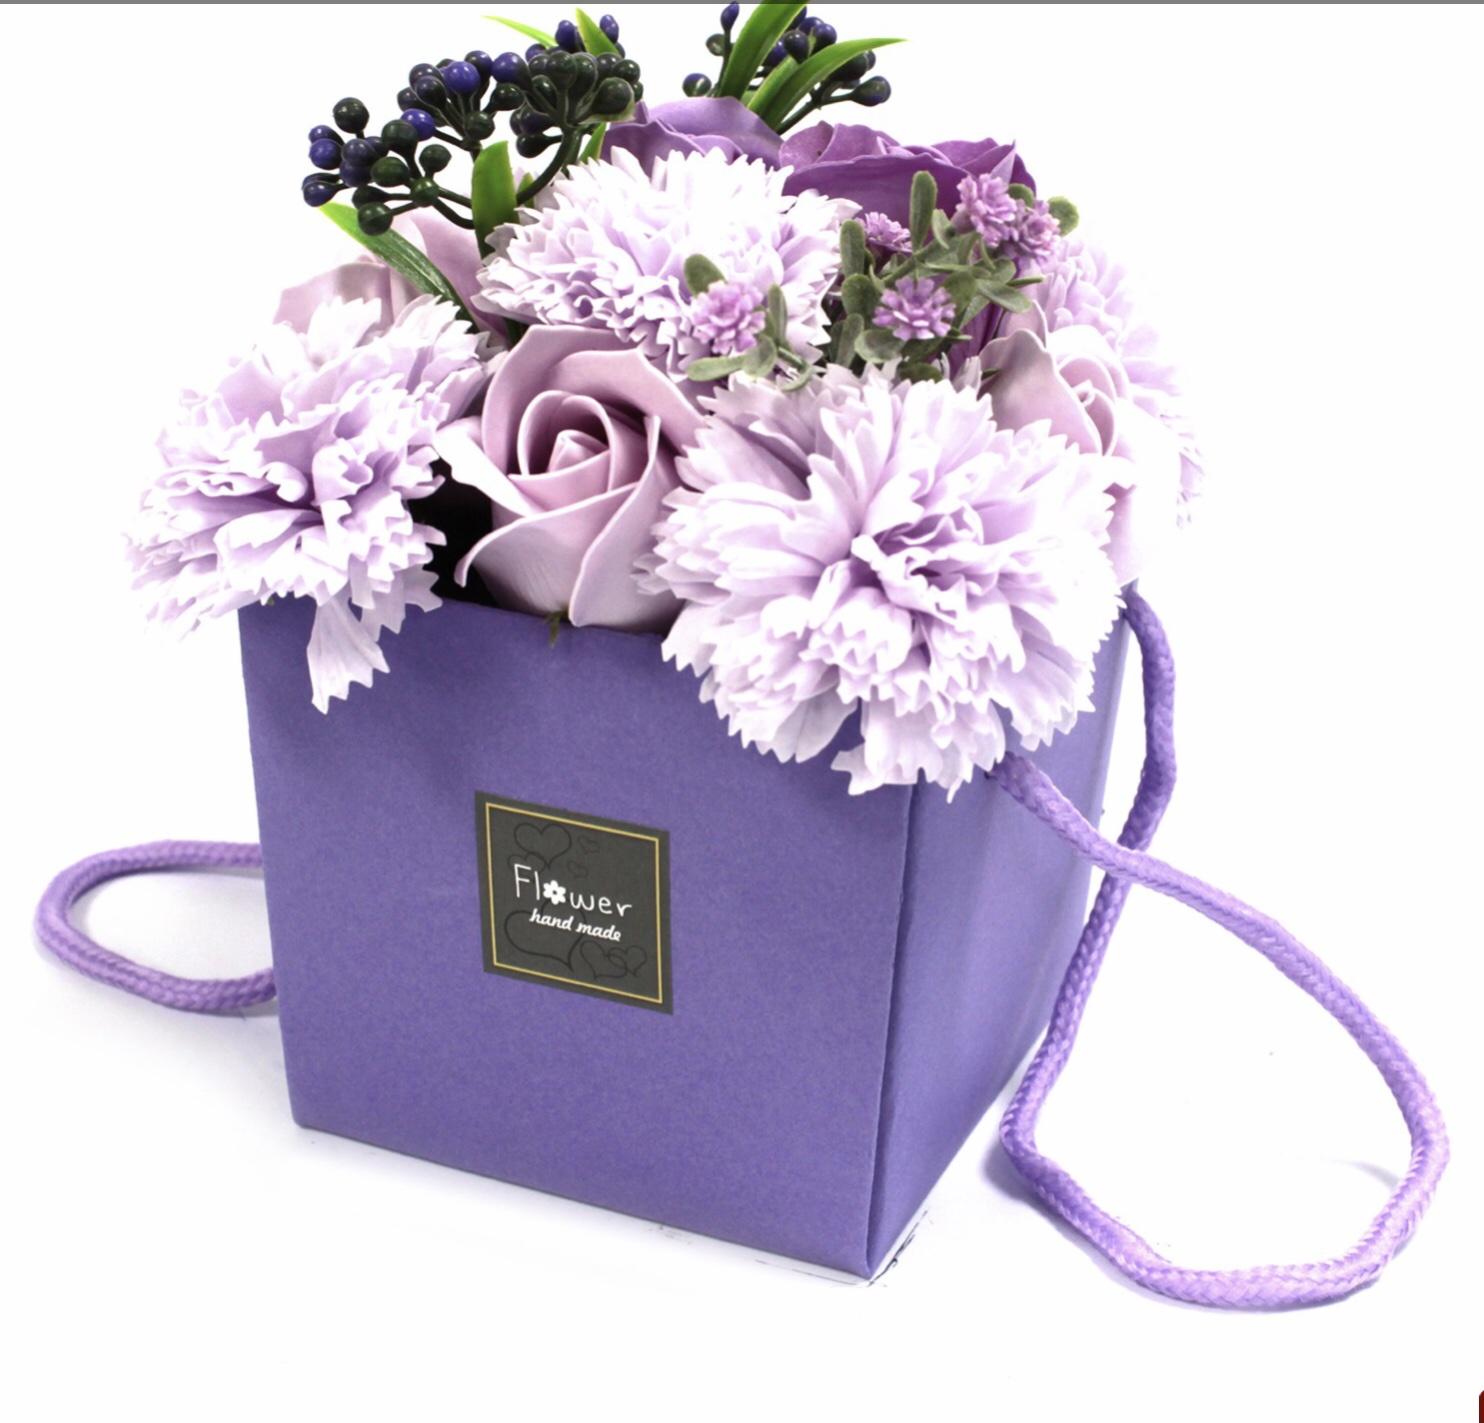 Vegan boxed soap flowers :